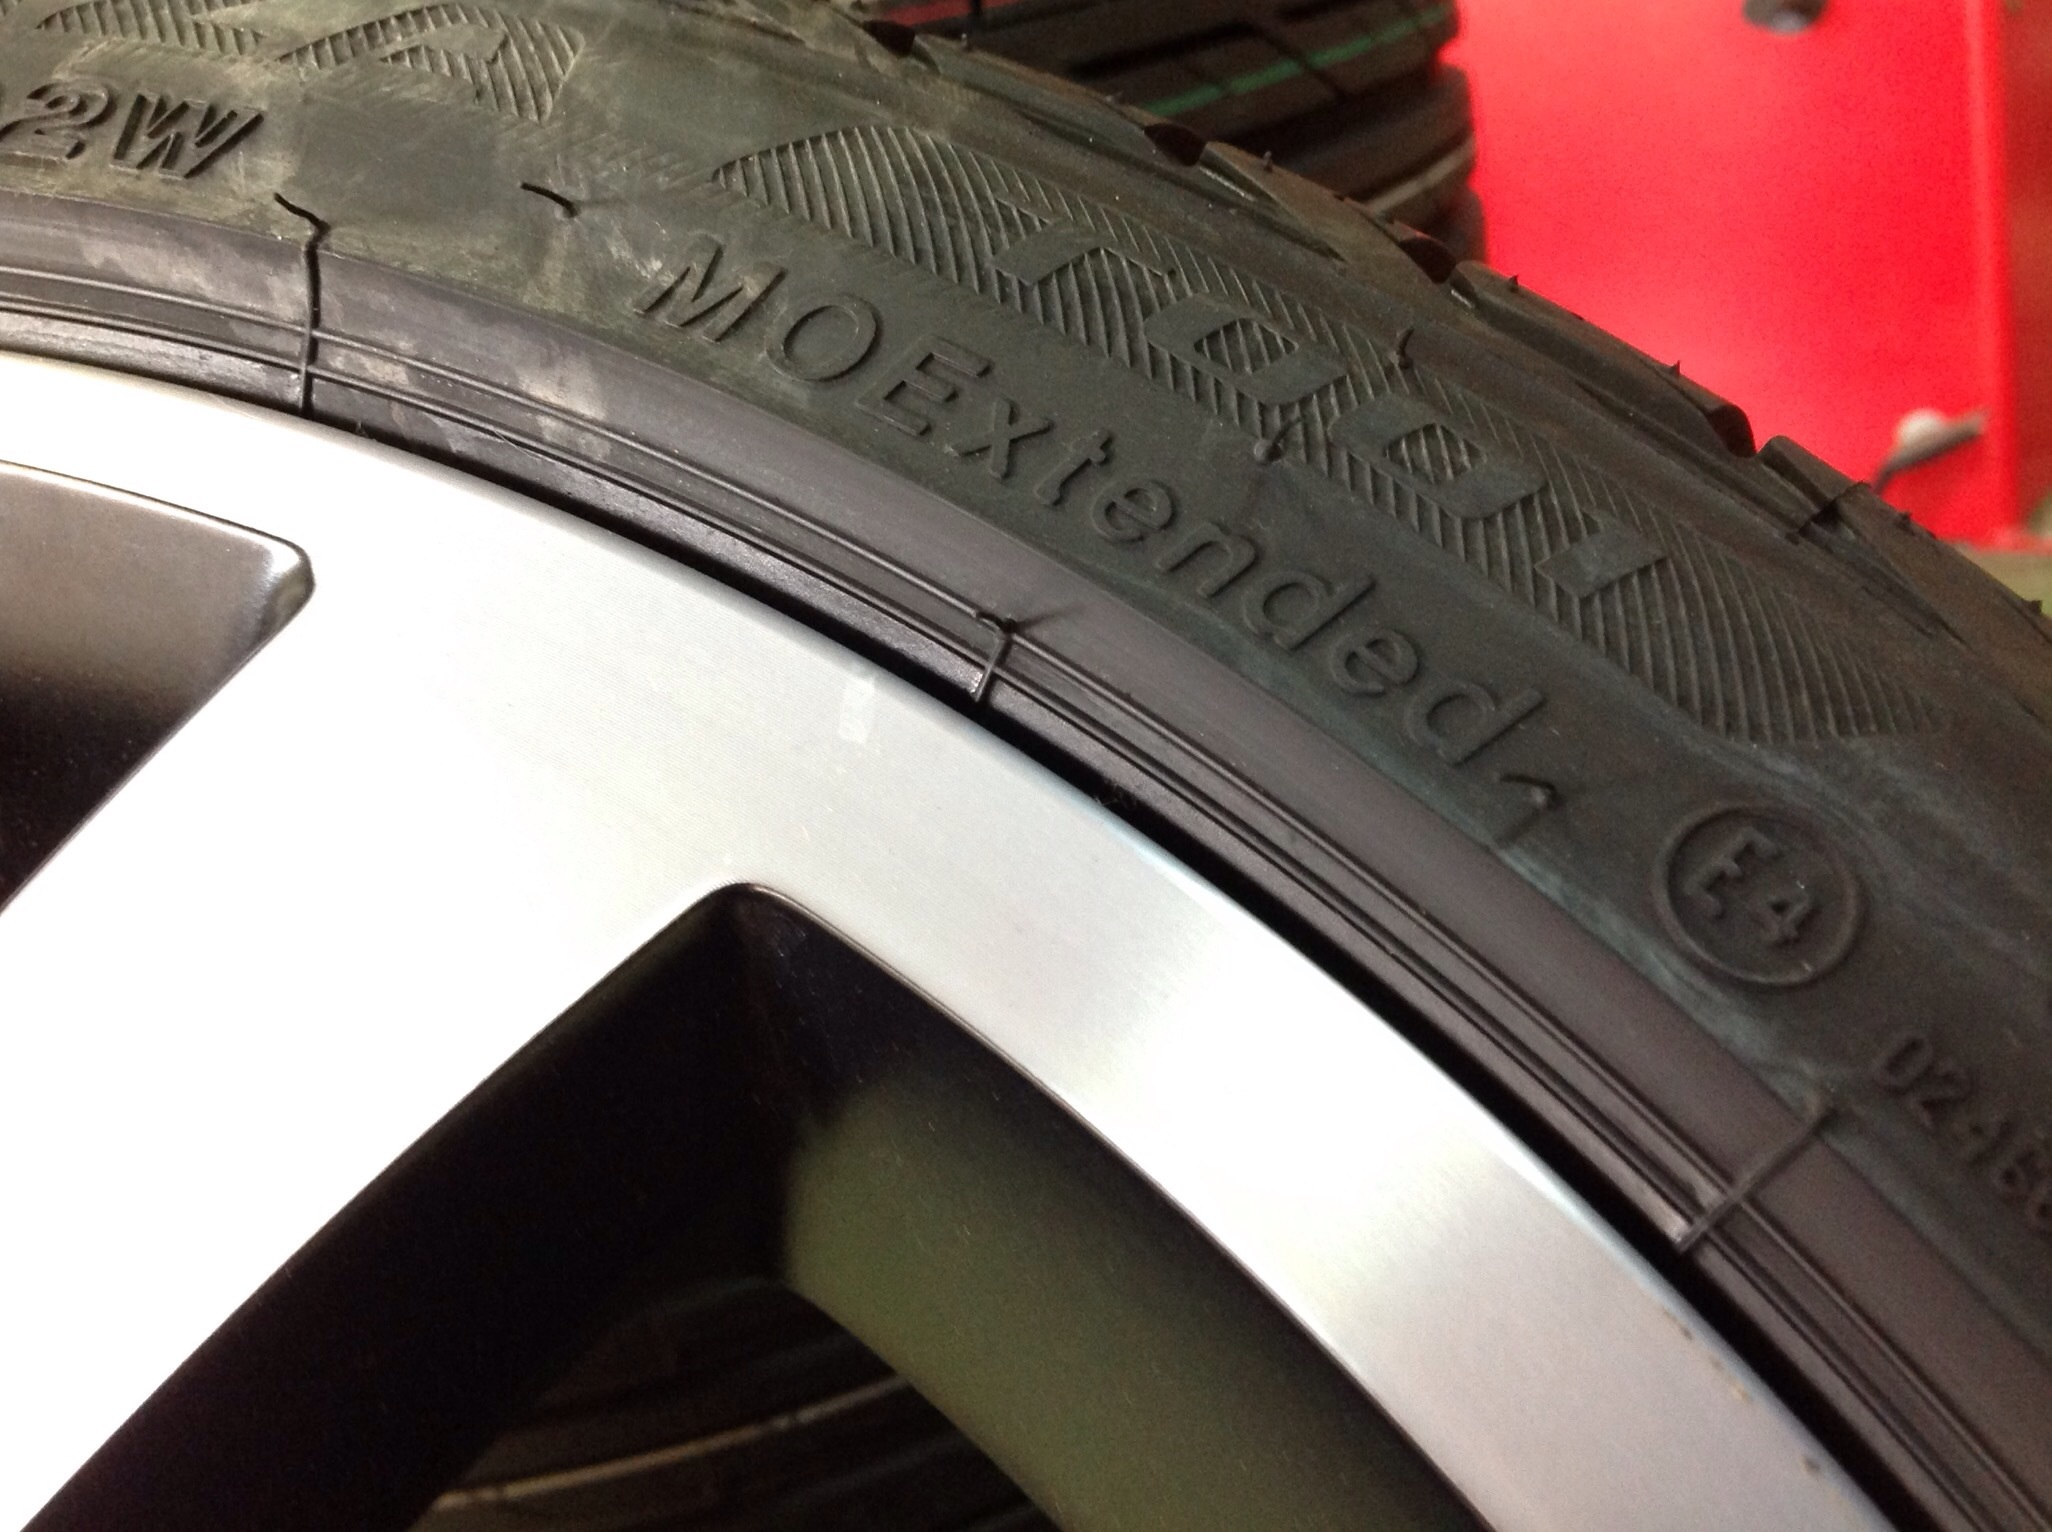 MOマーク付きのベンツ専用タイヤです。